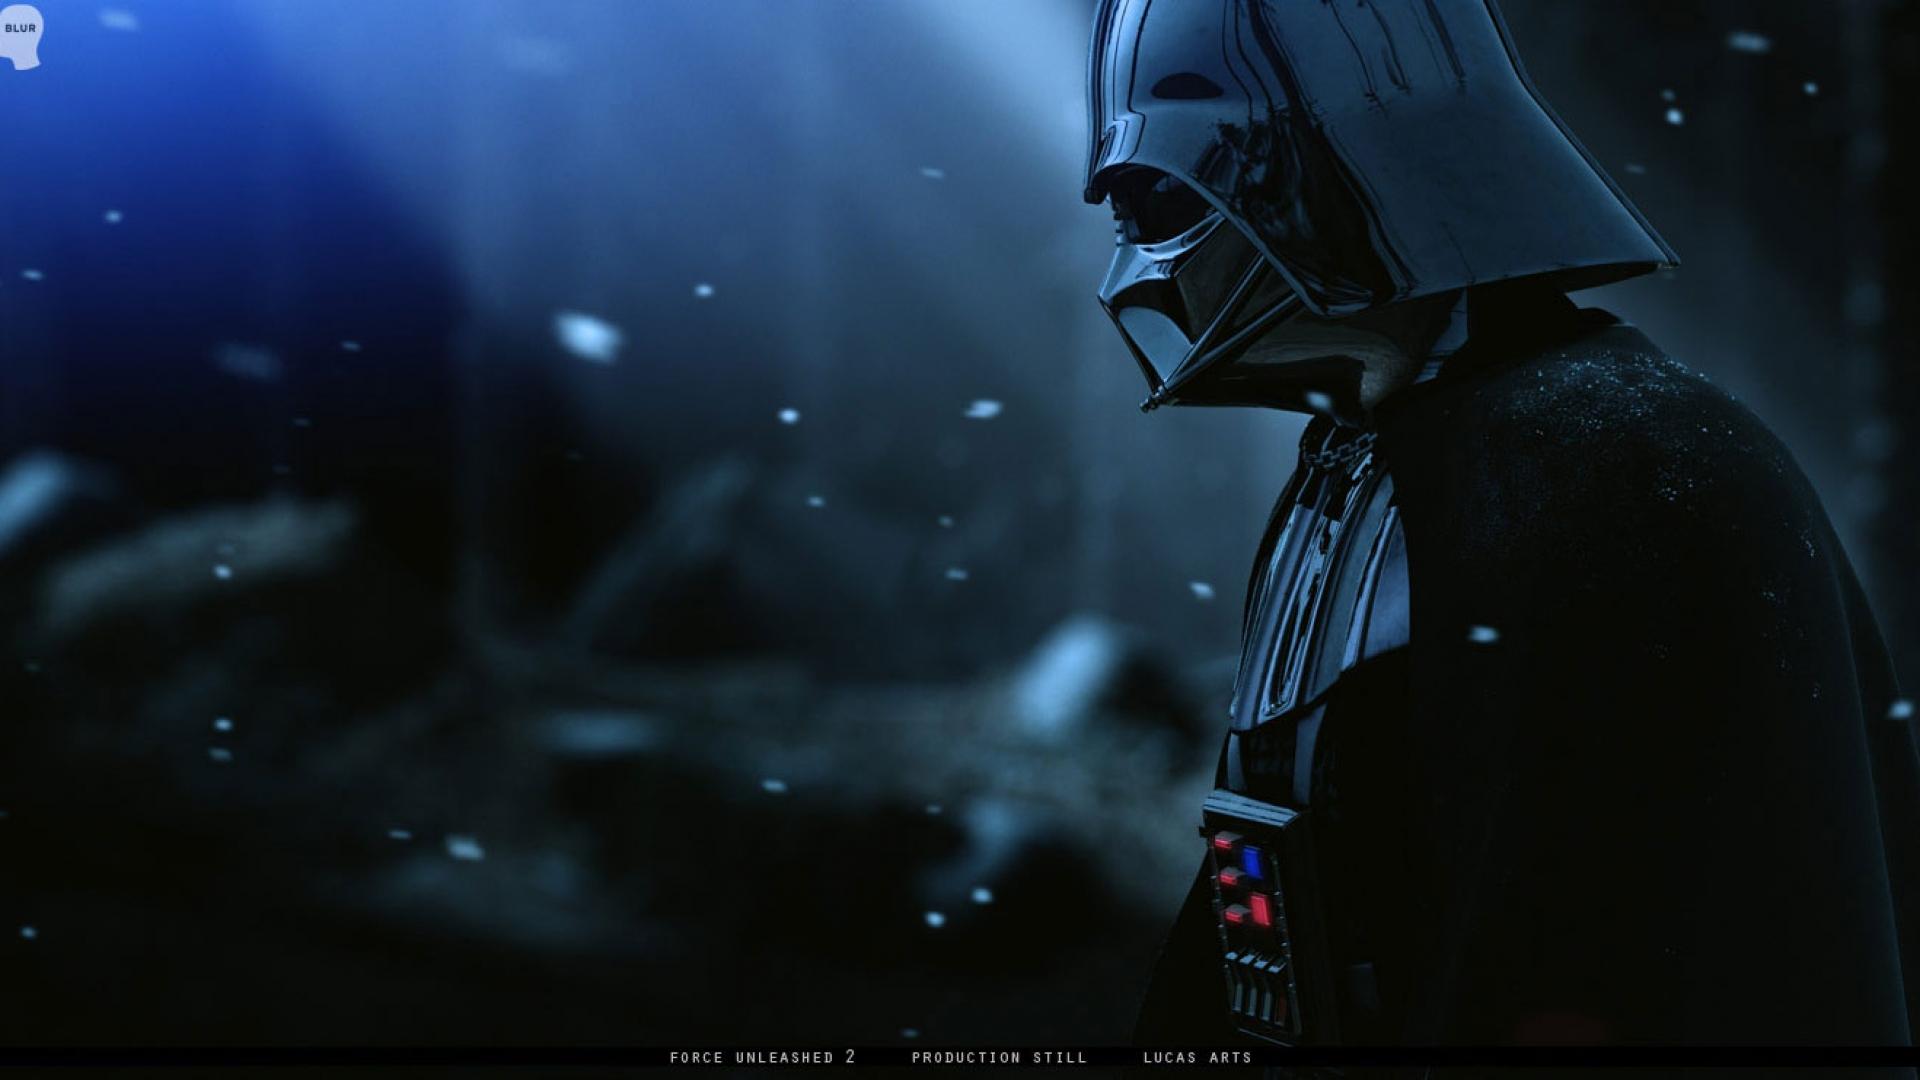 Darth Vader Wallpaper wallpaper   964359 1920x1080